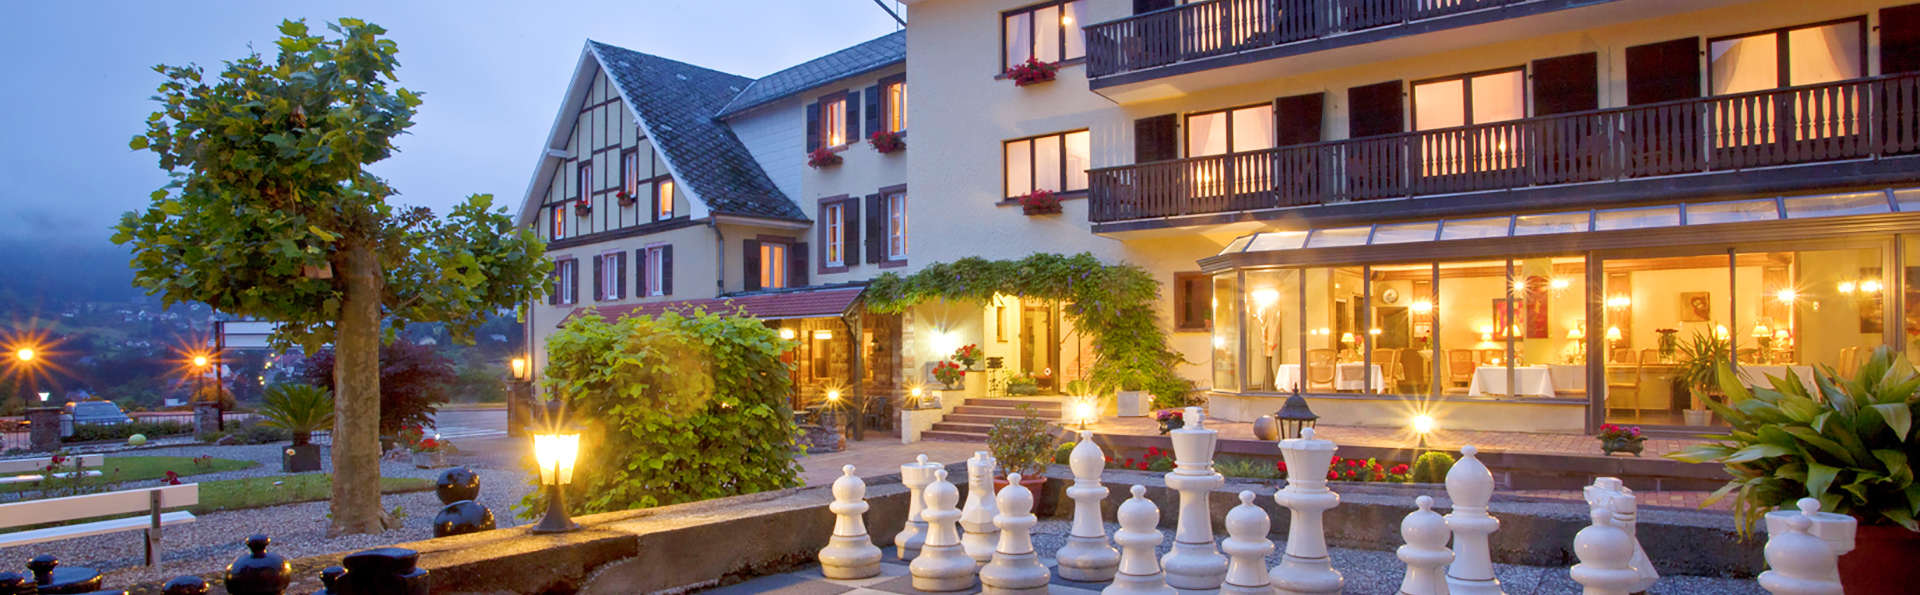 Parc Hôtel - Wangenbourg - Edit_Parc-Hotel---Wangenbourg_front.jpg